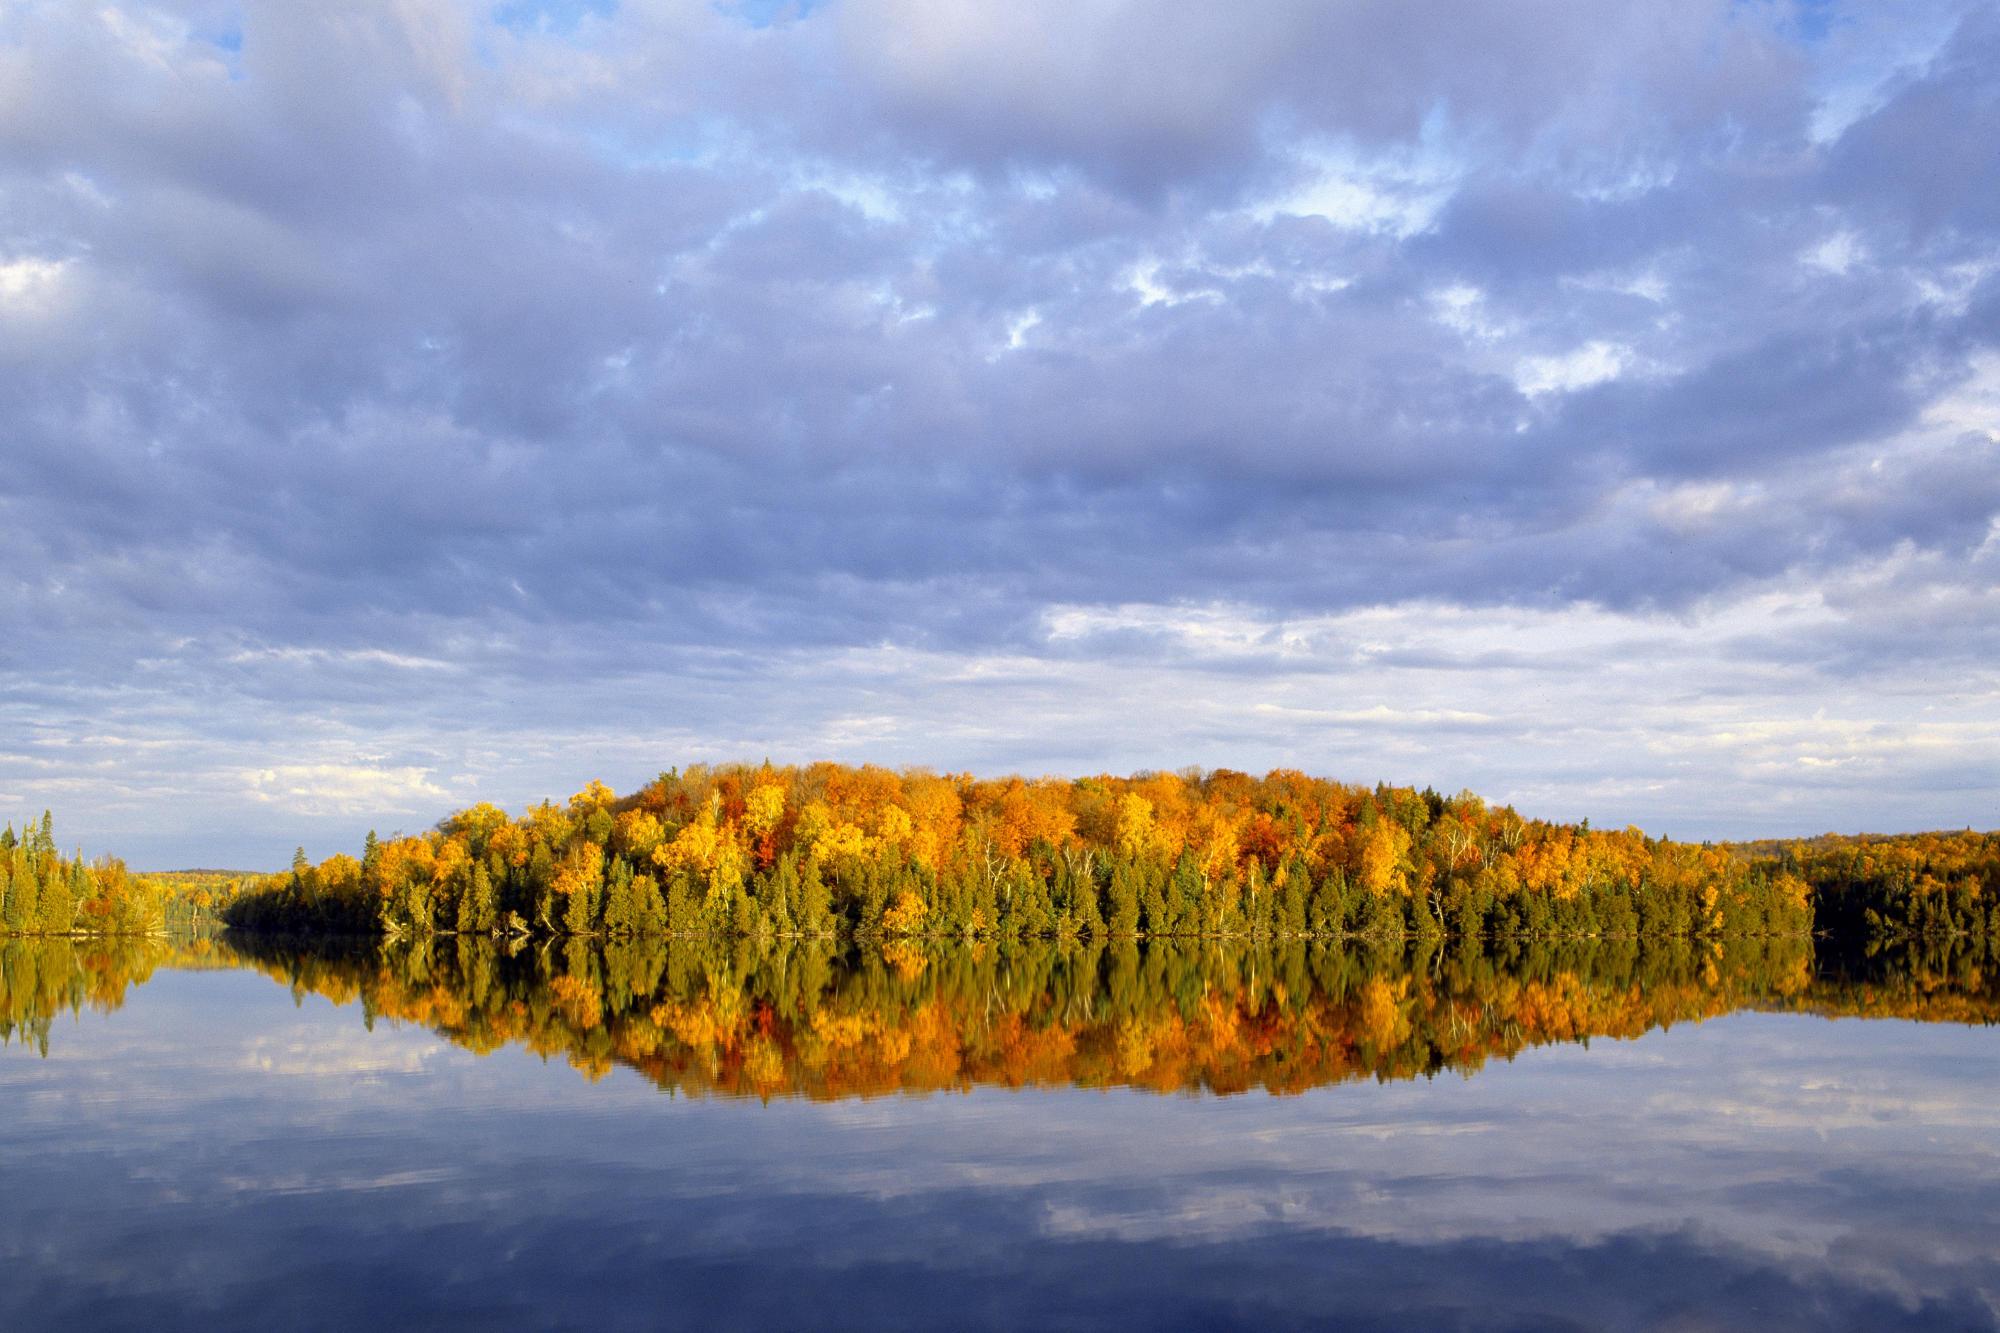 Fall Scenery Desktop Wallpapers Minnesota Wallpaper Hd Desktop Wallpapers 4k Hd